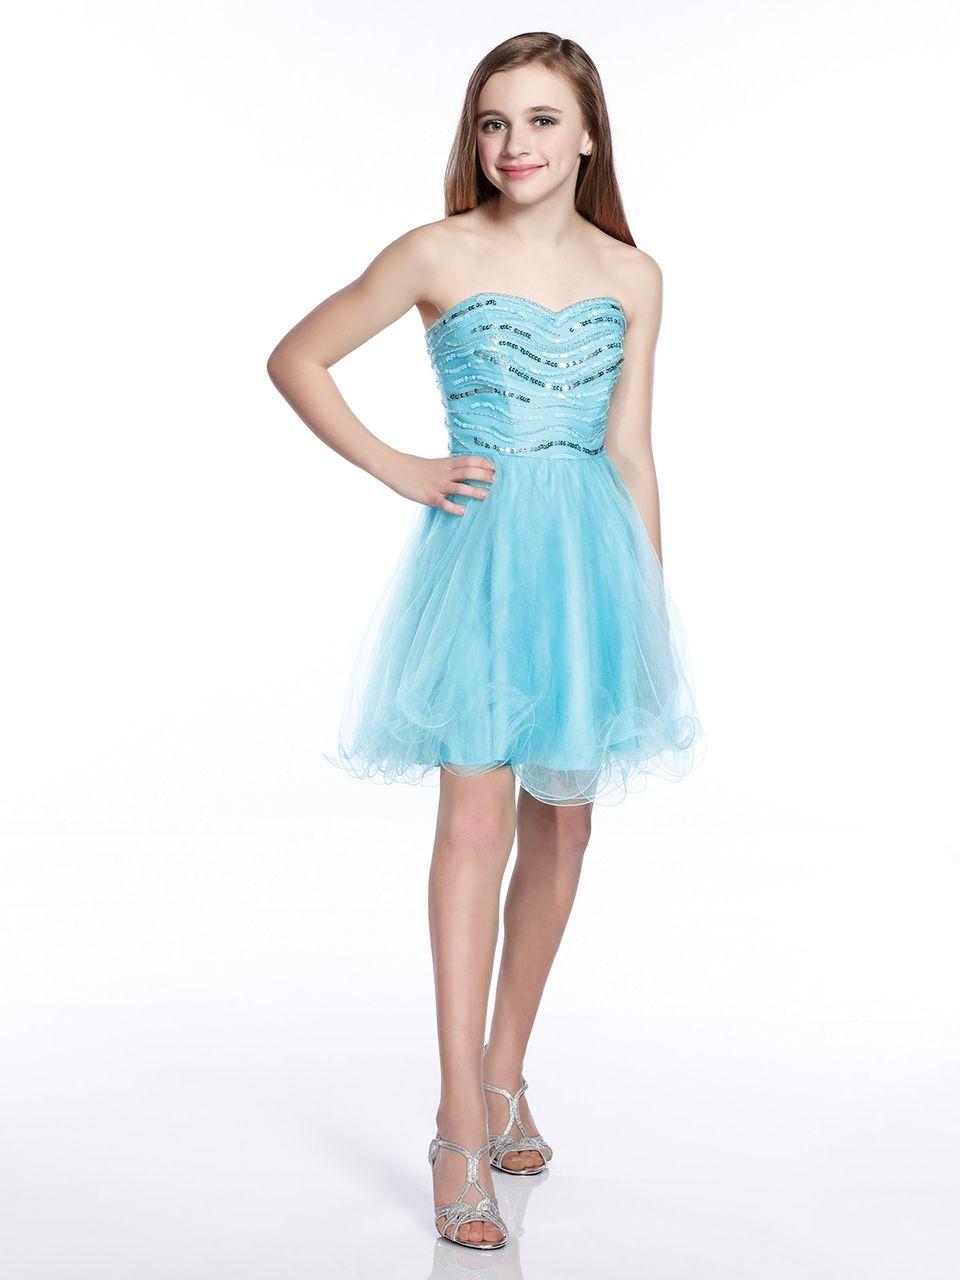 320e97b71f9 Lexie Cocktail Dress TW21544. Lexie Cocktail Dress TW21544 Party Dresses  Online